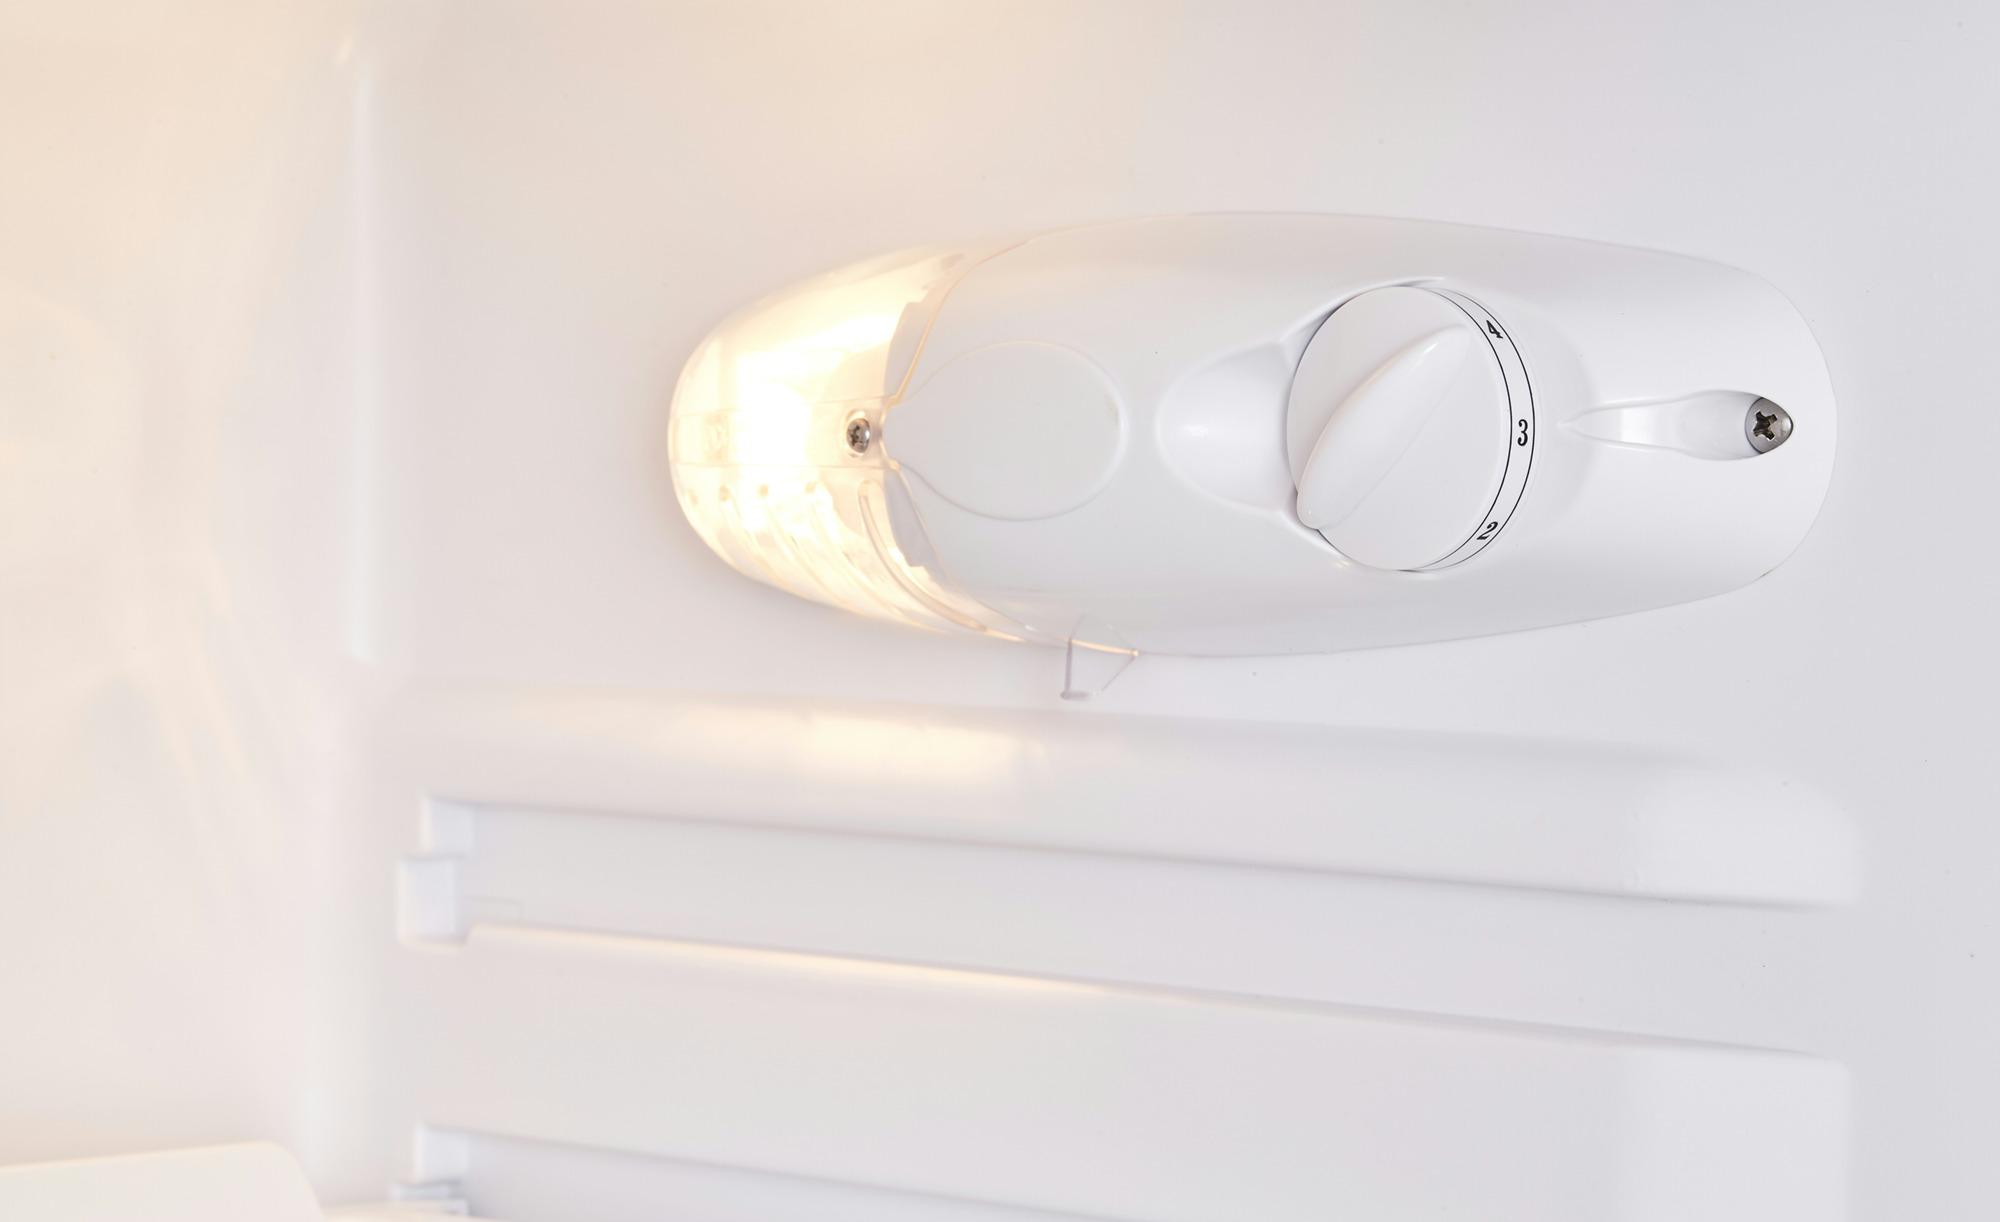 Kühlschrank Bomann : Bomann kühlschränke online kaufen möbel suchmaschine ladendirekt.de